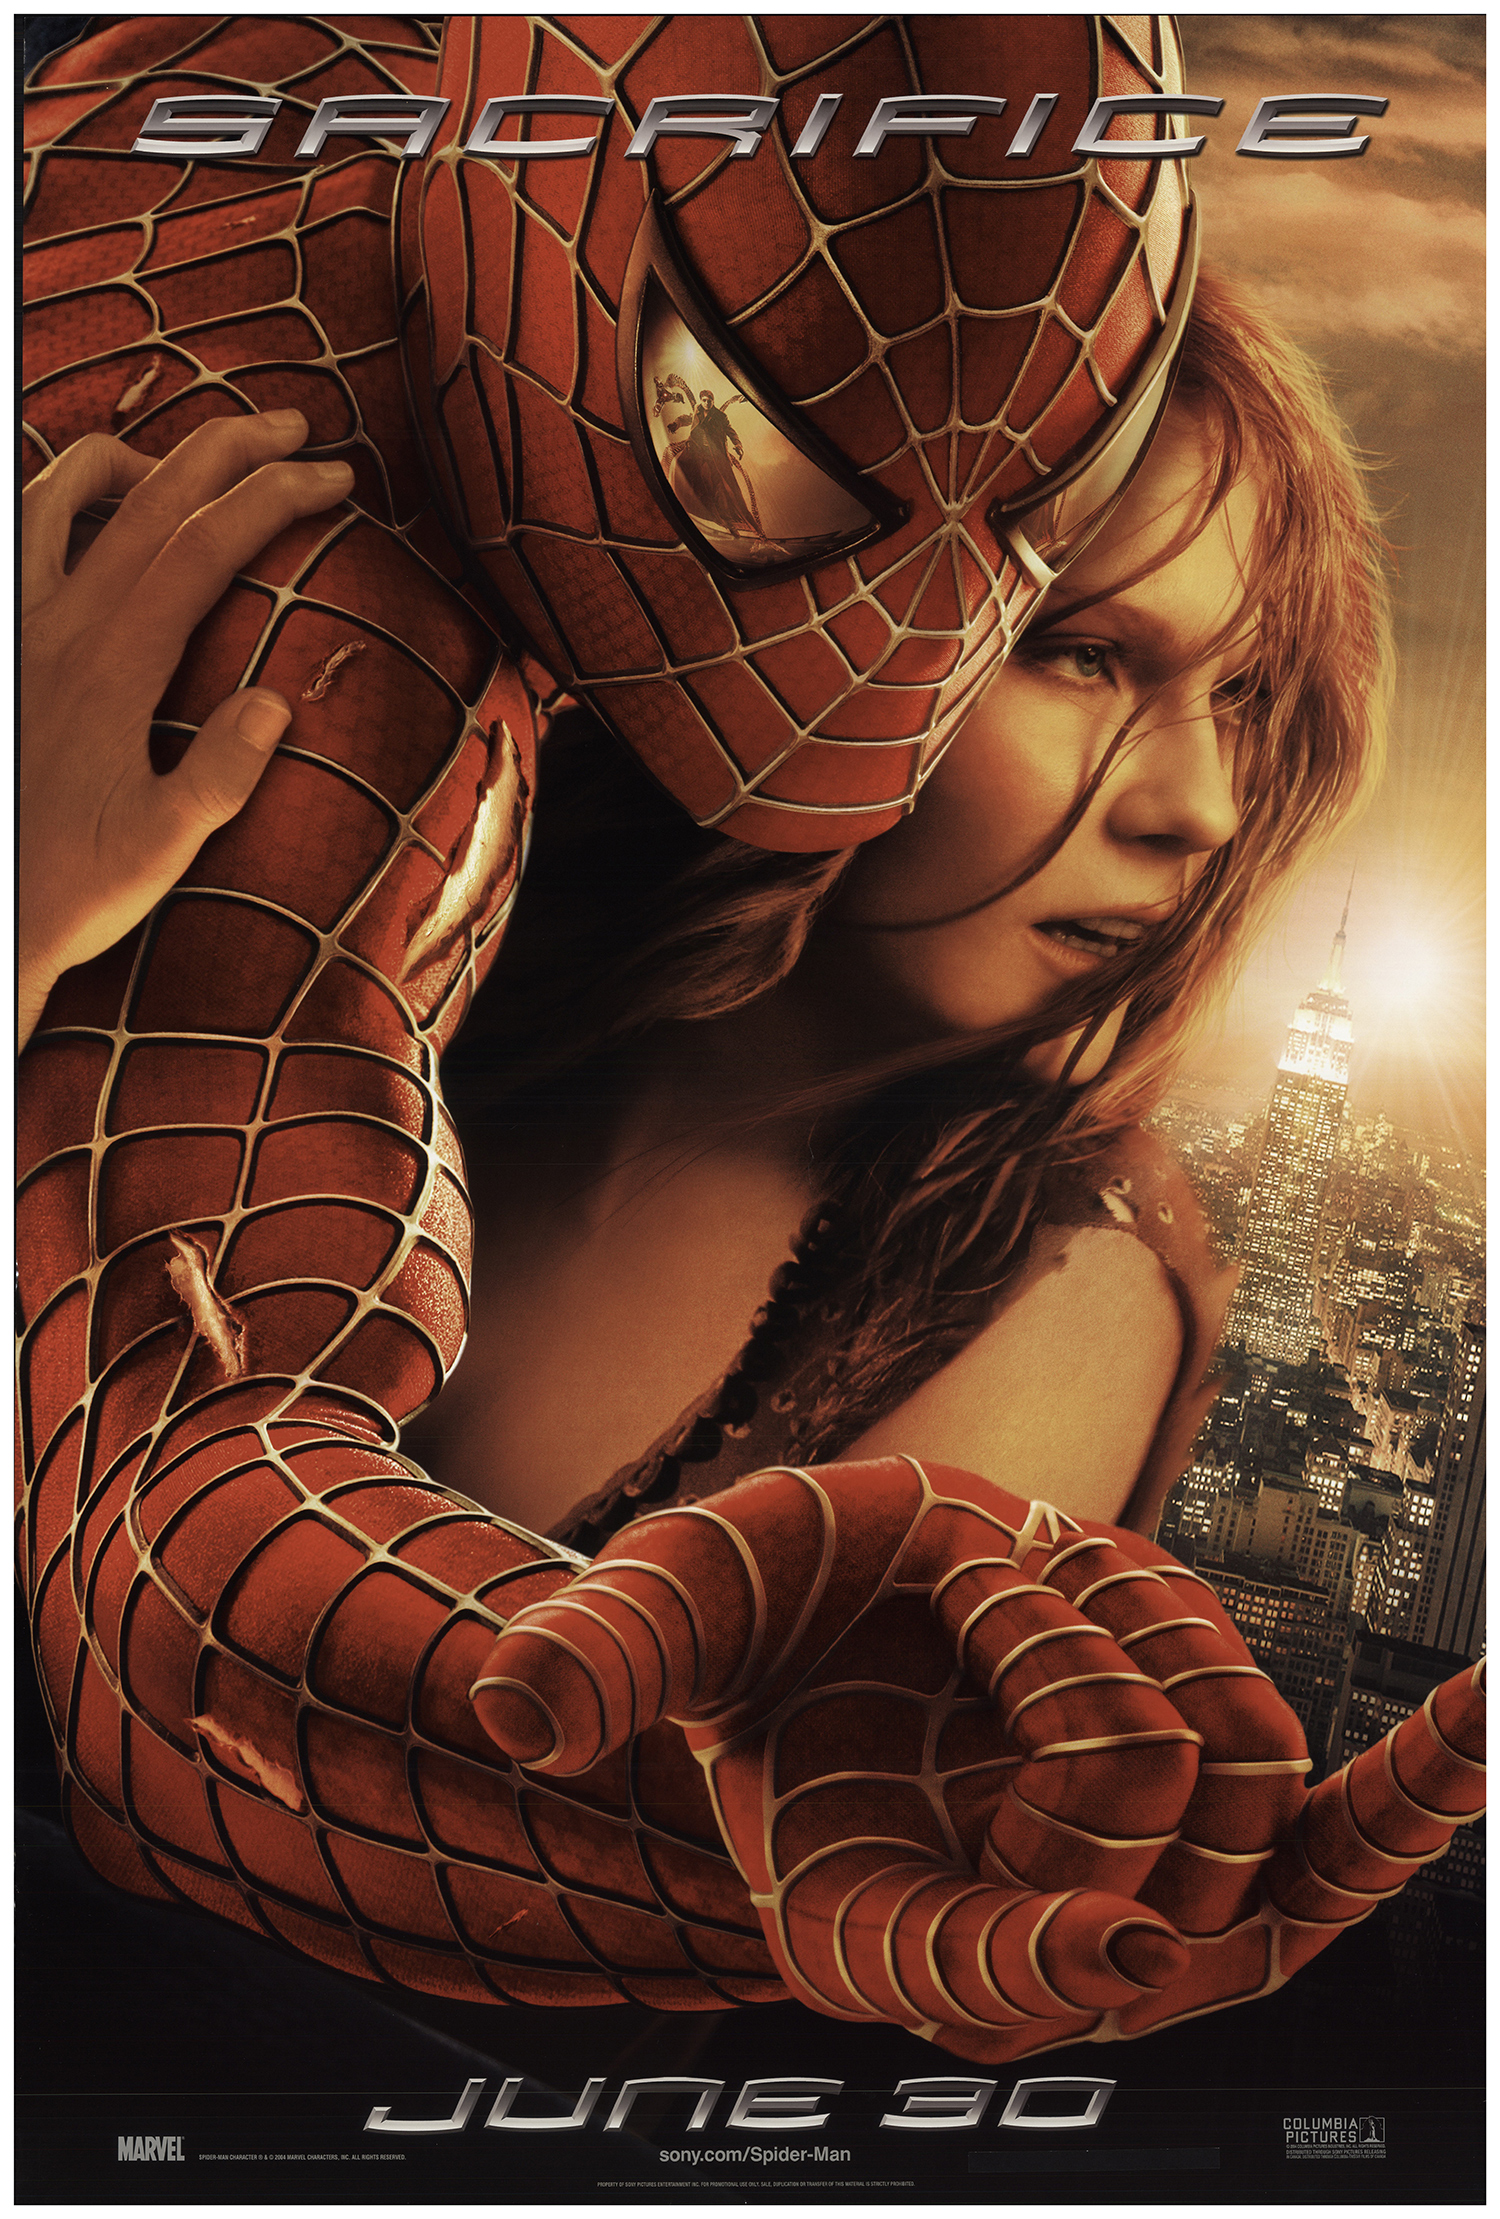 Spider Man 2 2004 Original Movie Poster U S One Sheet Advance Fff 74034